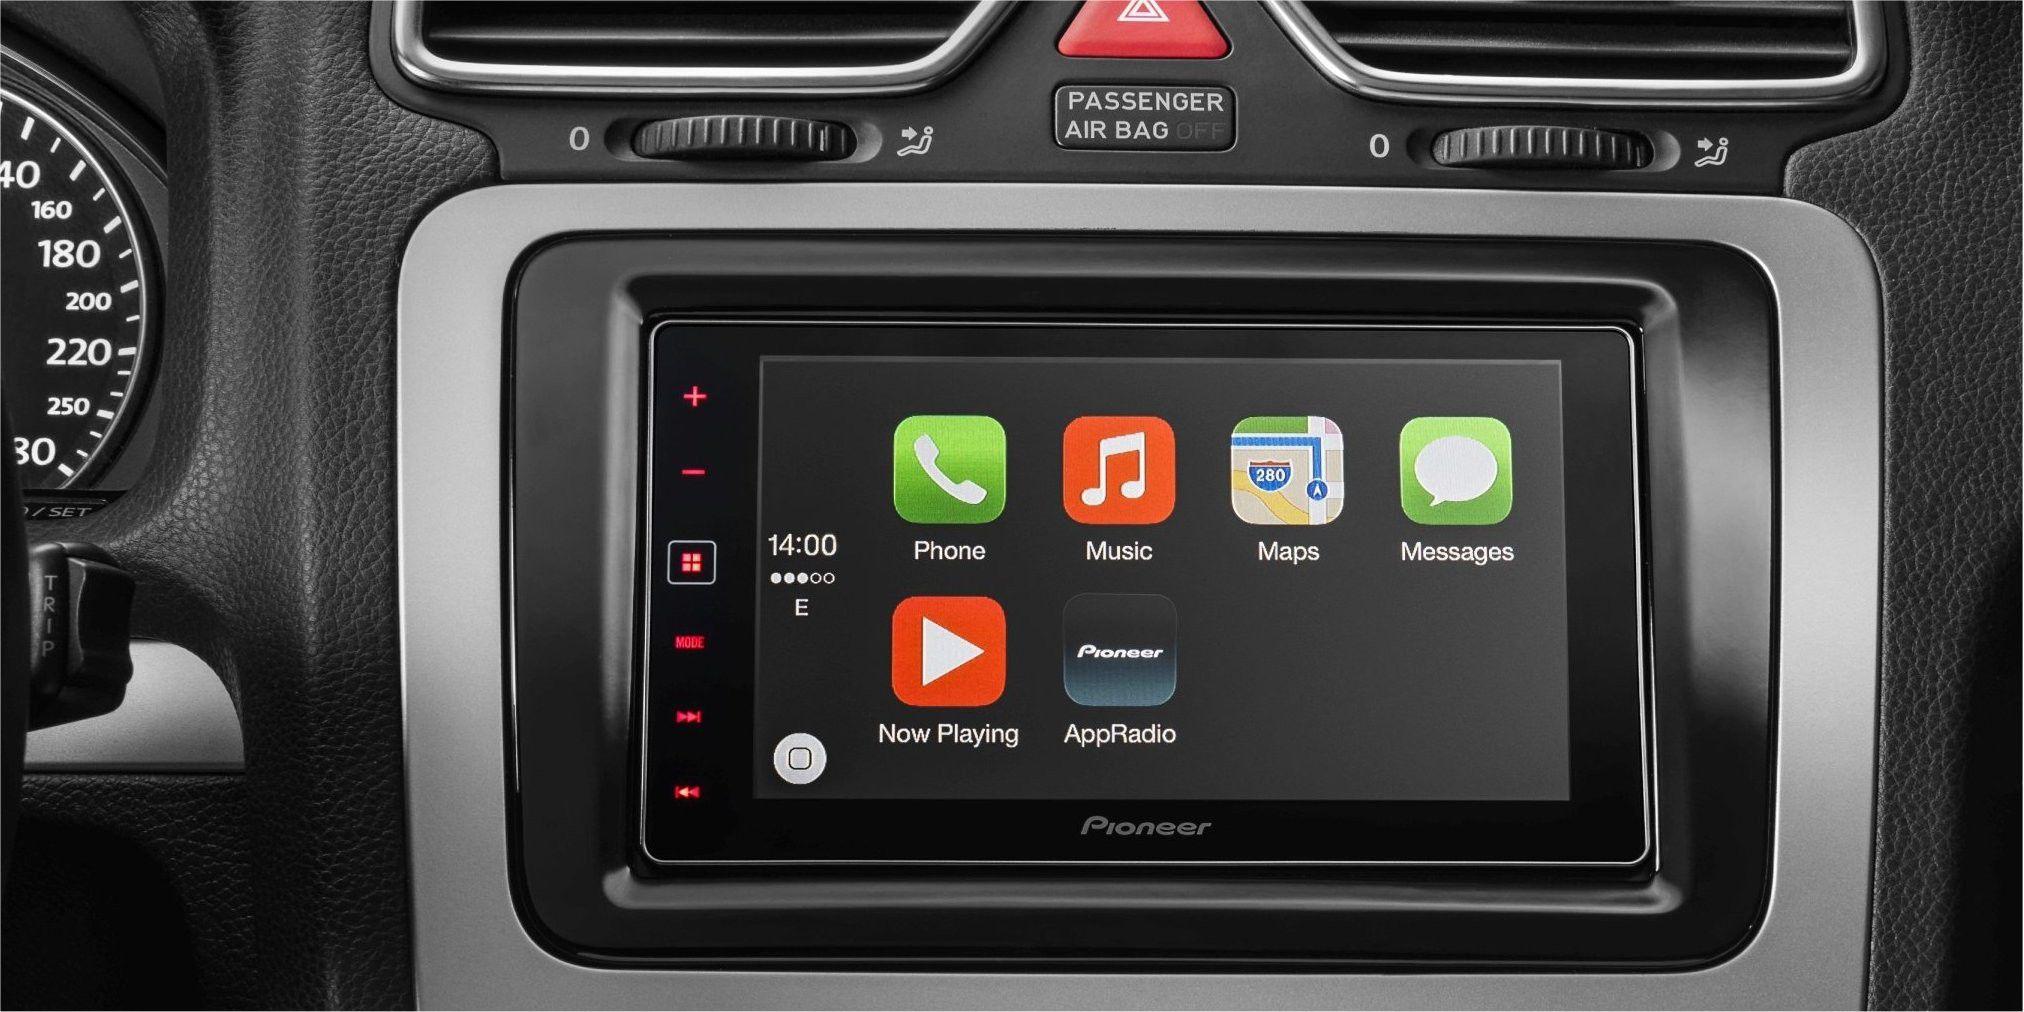 CarPlay und Mirrorlink im Auto nachrüsten - ein Praxistest - PC-WELT